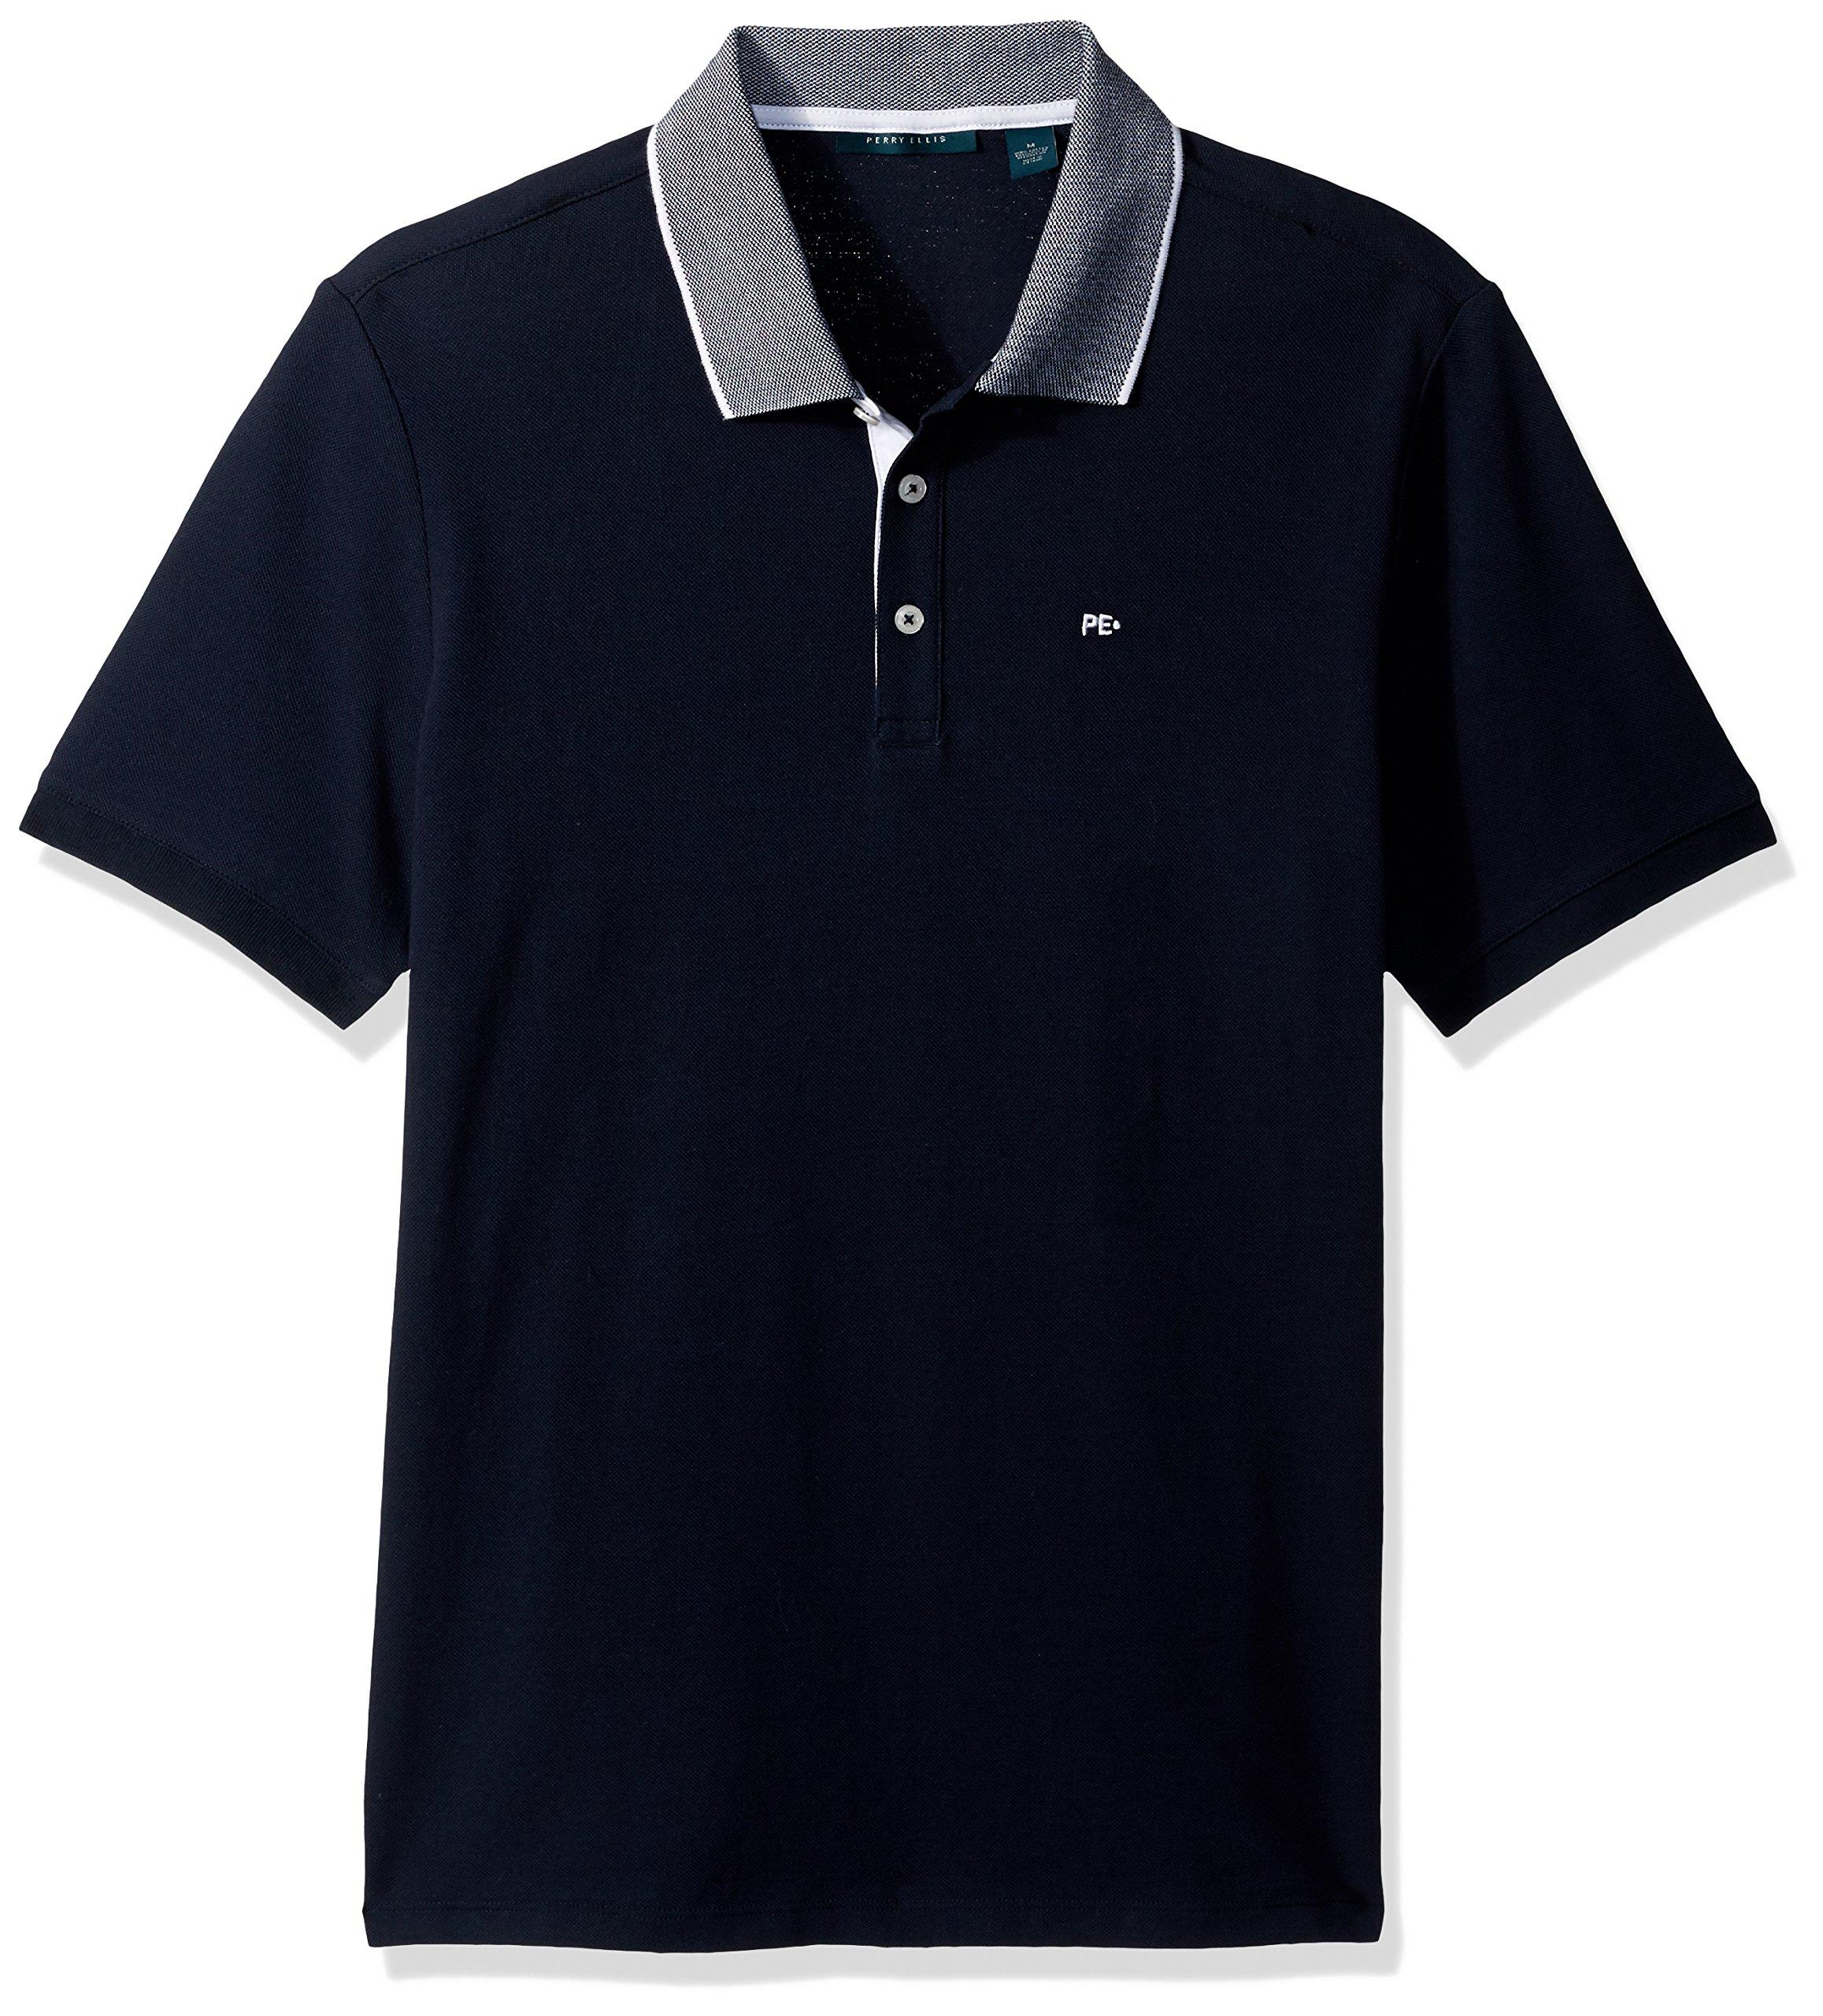 Perry Ellis Men's Pique Logo Polo Shirt, Dark